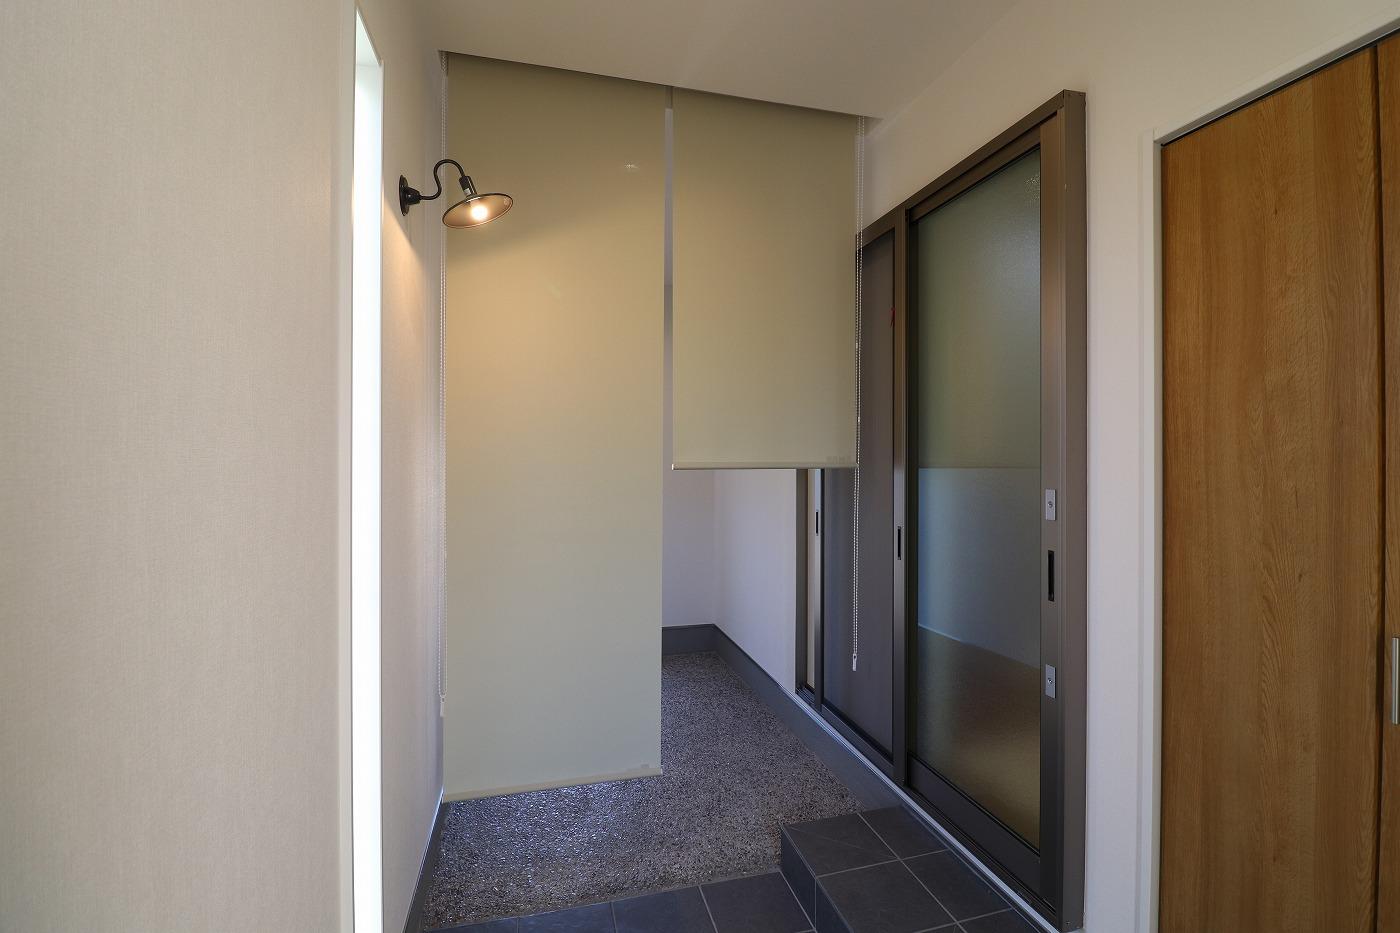 高松市木太町の新築分譲住宅の玄関土間ロールスクリーン